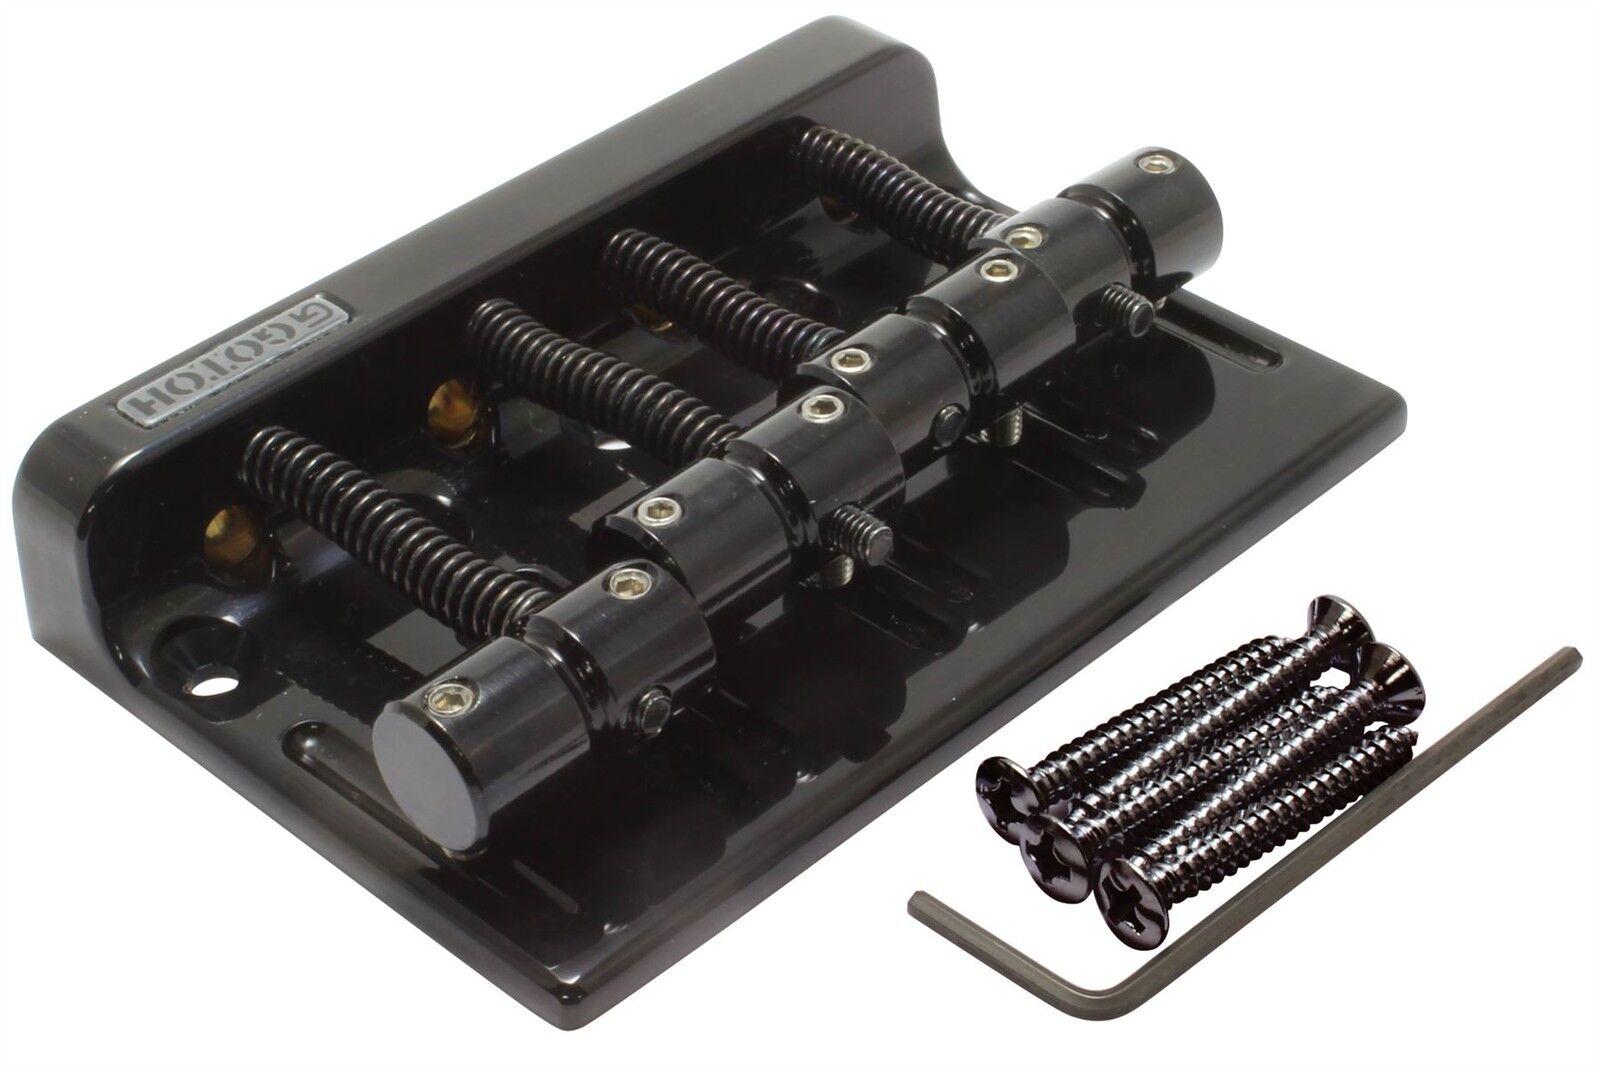 Gotoh 201b-4 bajo 4-cuerdas Puente 2 1 4 4 4  de separación-Negro  Para tu estilo de juego a los precios más baratos.